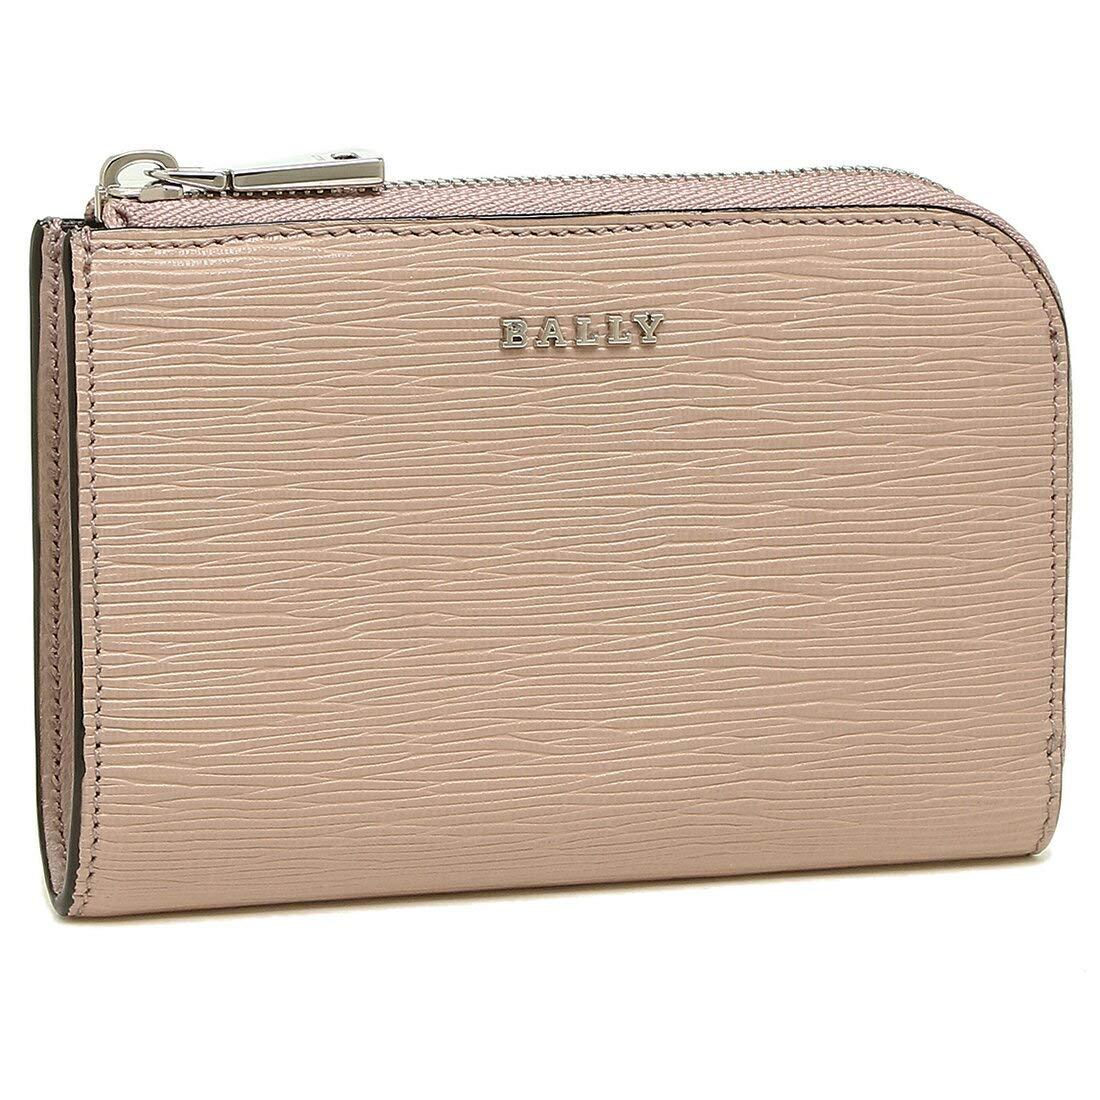 [バリー]カードケース レディース BALLY 6224911 63 ピンク [並行輸入品]   B07JDYDLH5